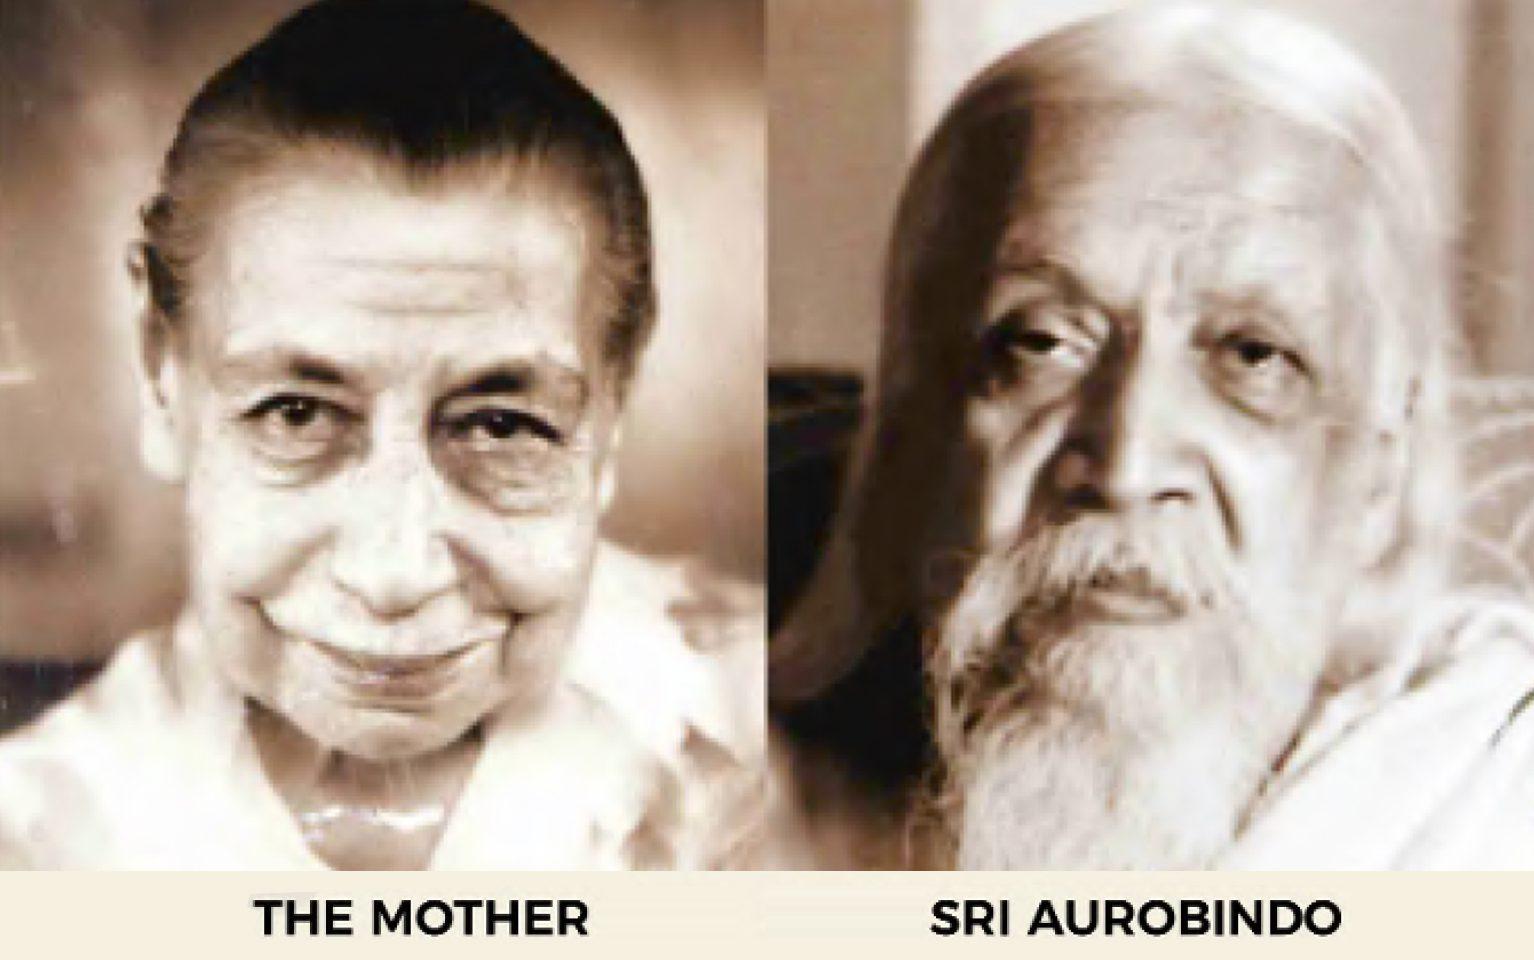 Sri Aurobindo Integral Life Centre